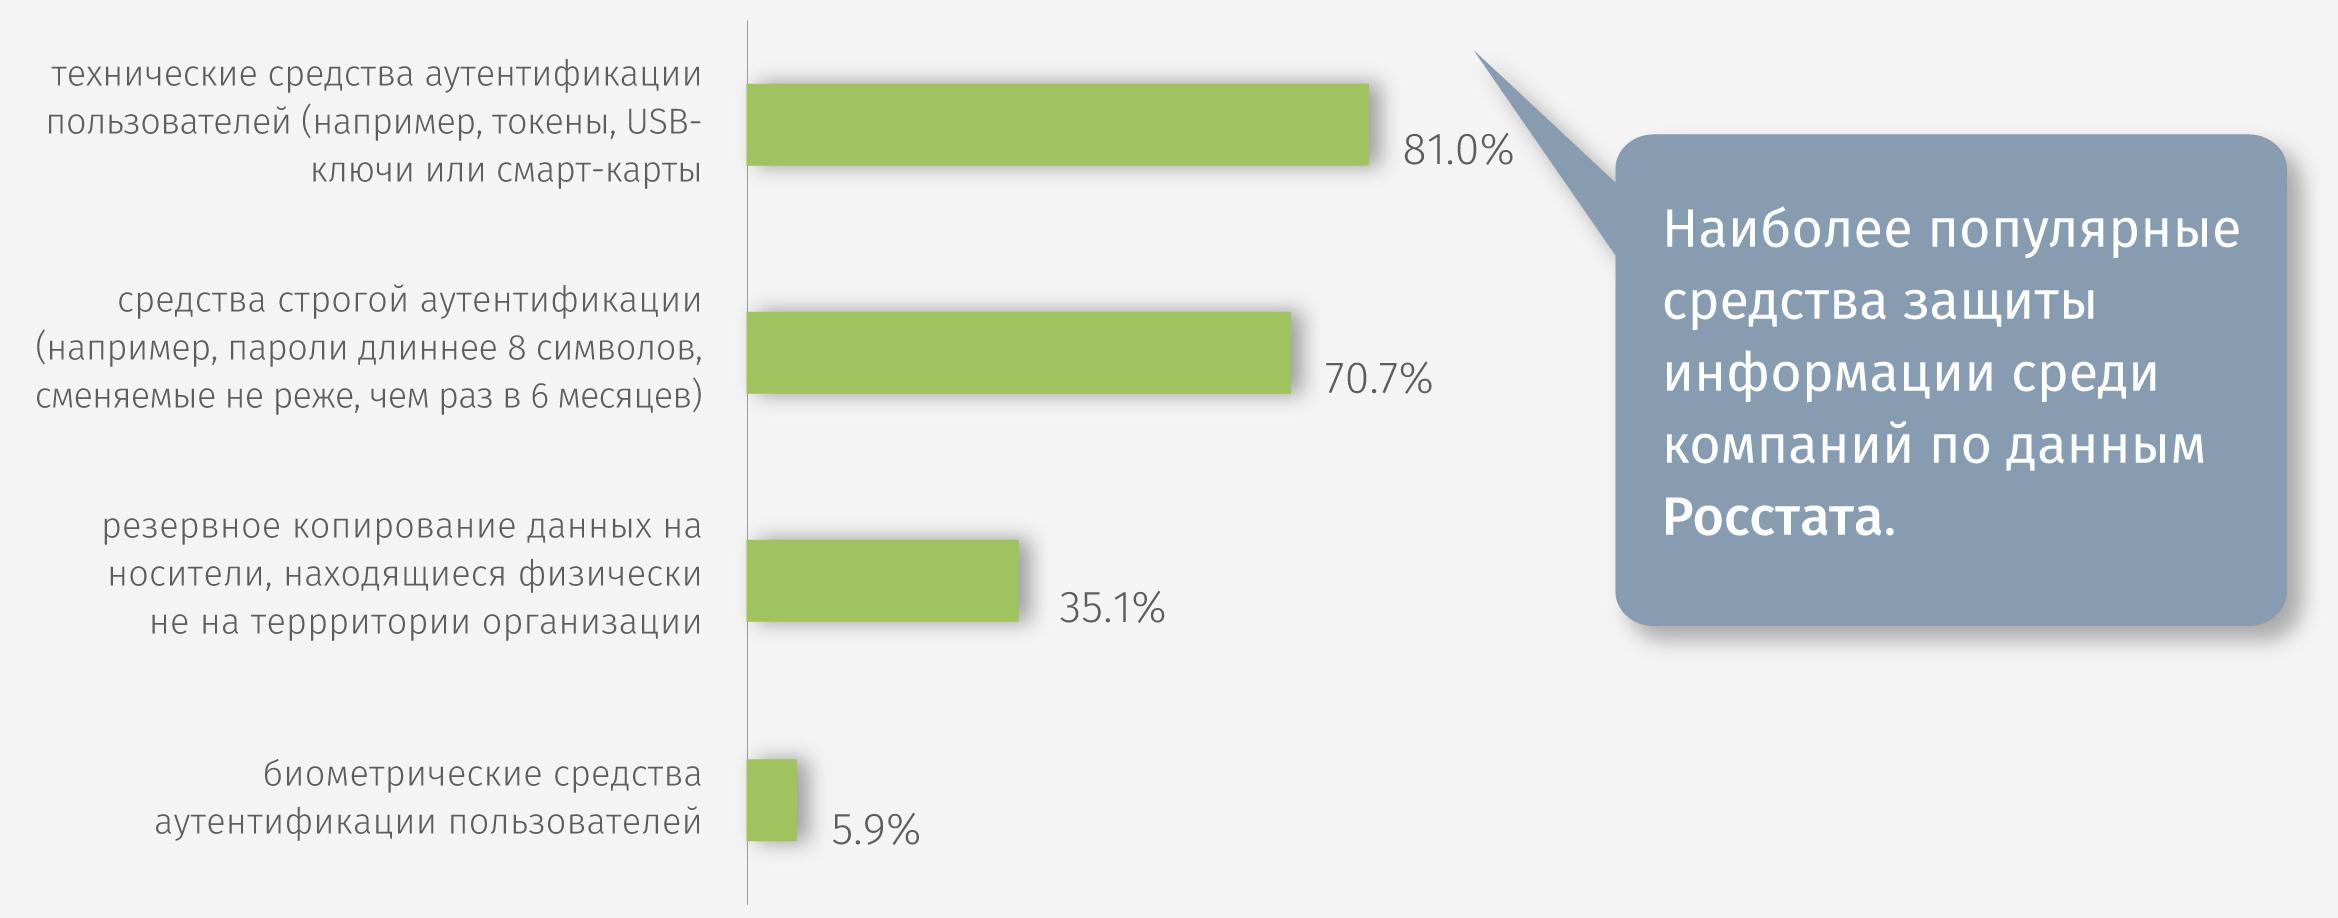 популярные средства защиты информации среди компаний по данным Росстата